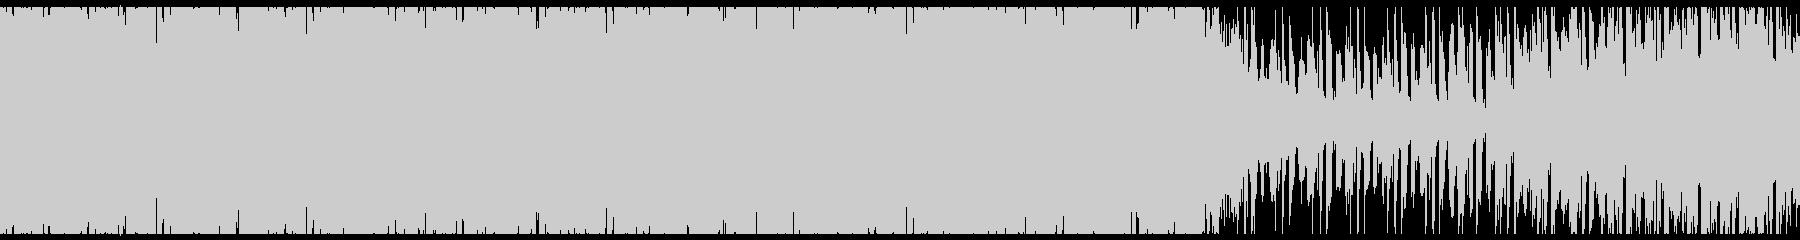 オシャレな4つ打ちピアノハウス-ループの未再生の波形